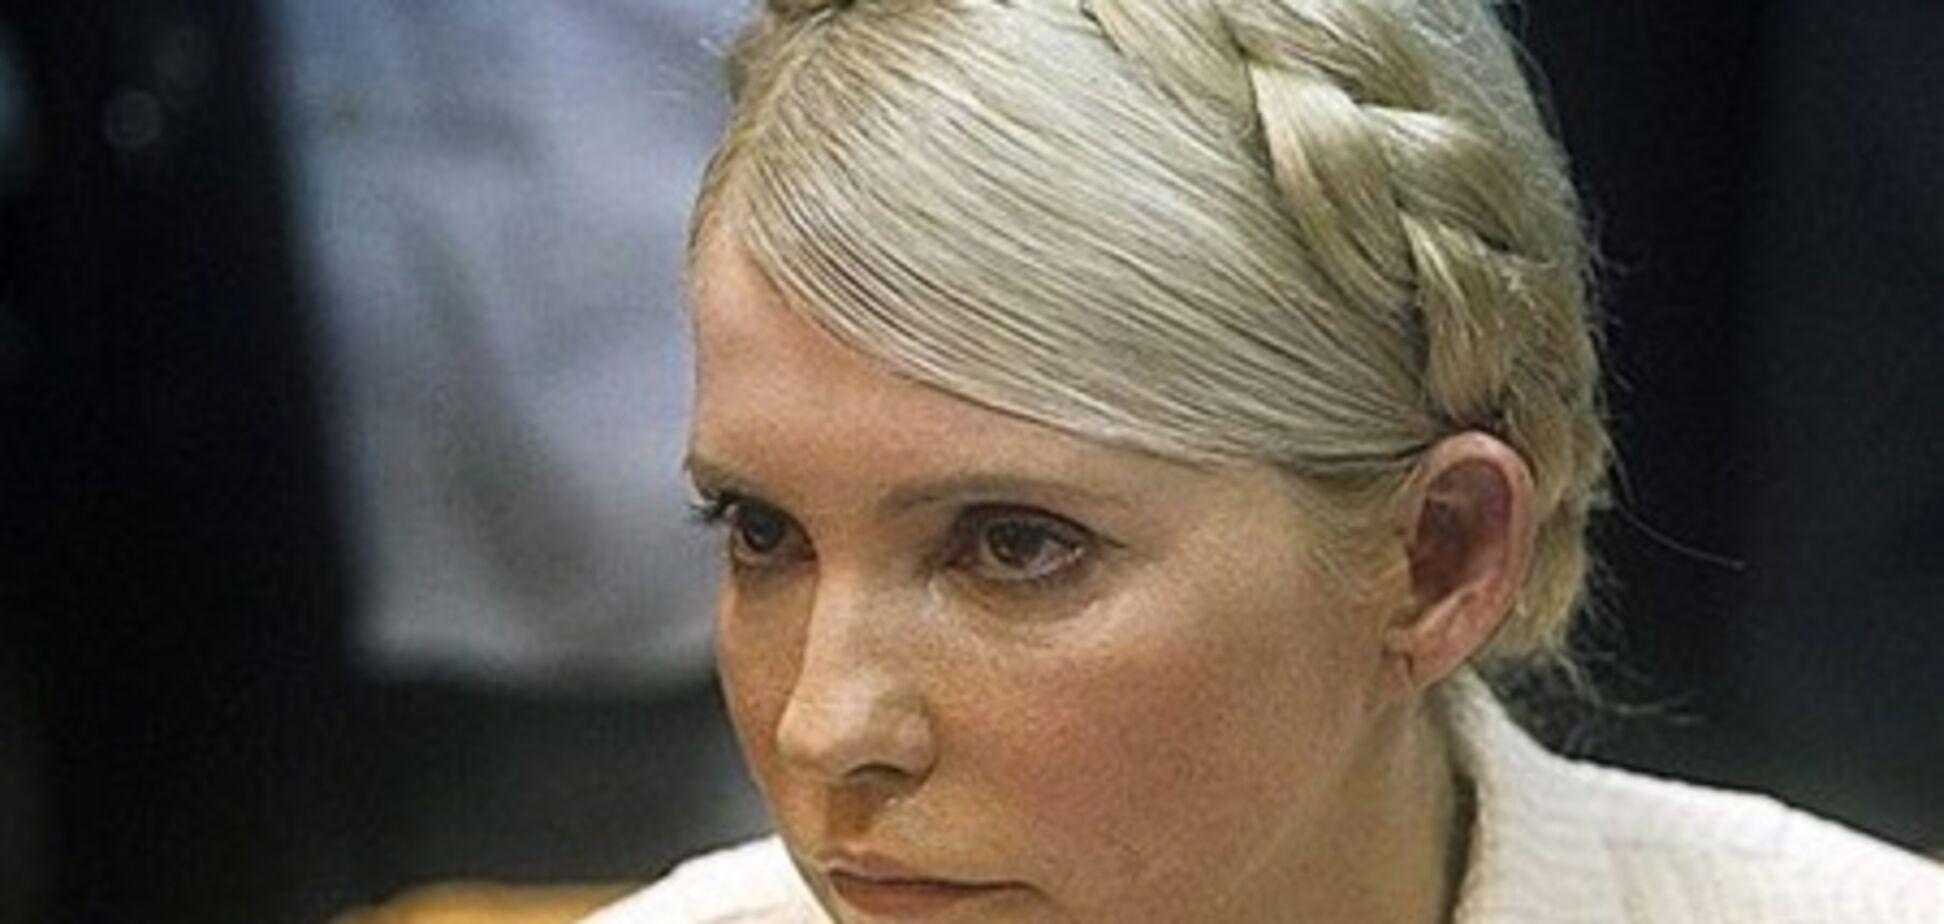 Головний тюремник відзвітує перед депутатами про непритомність Тимошенко